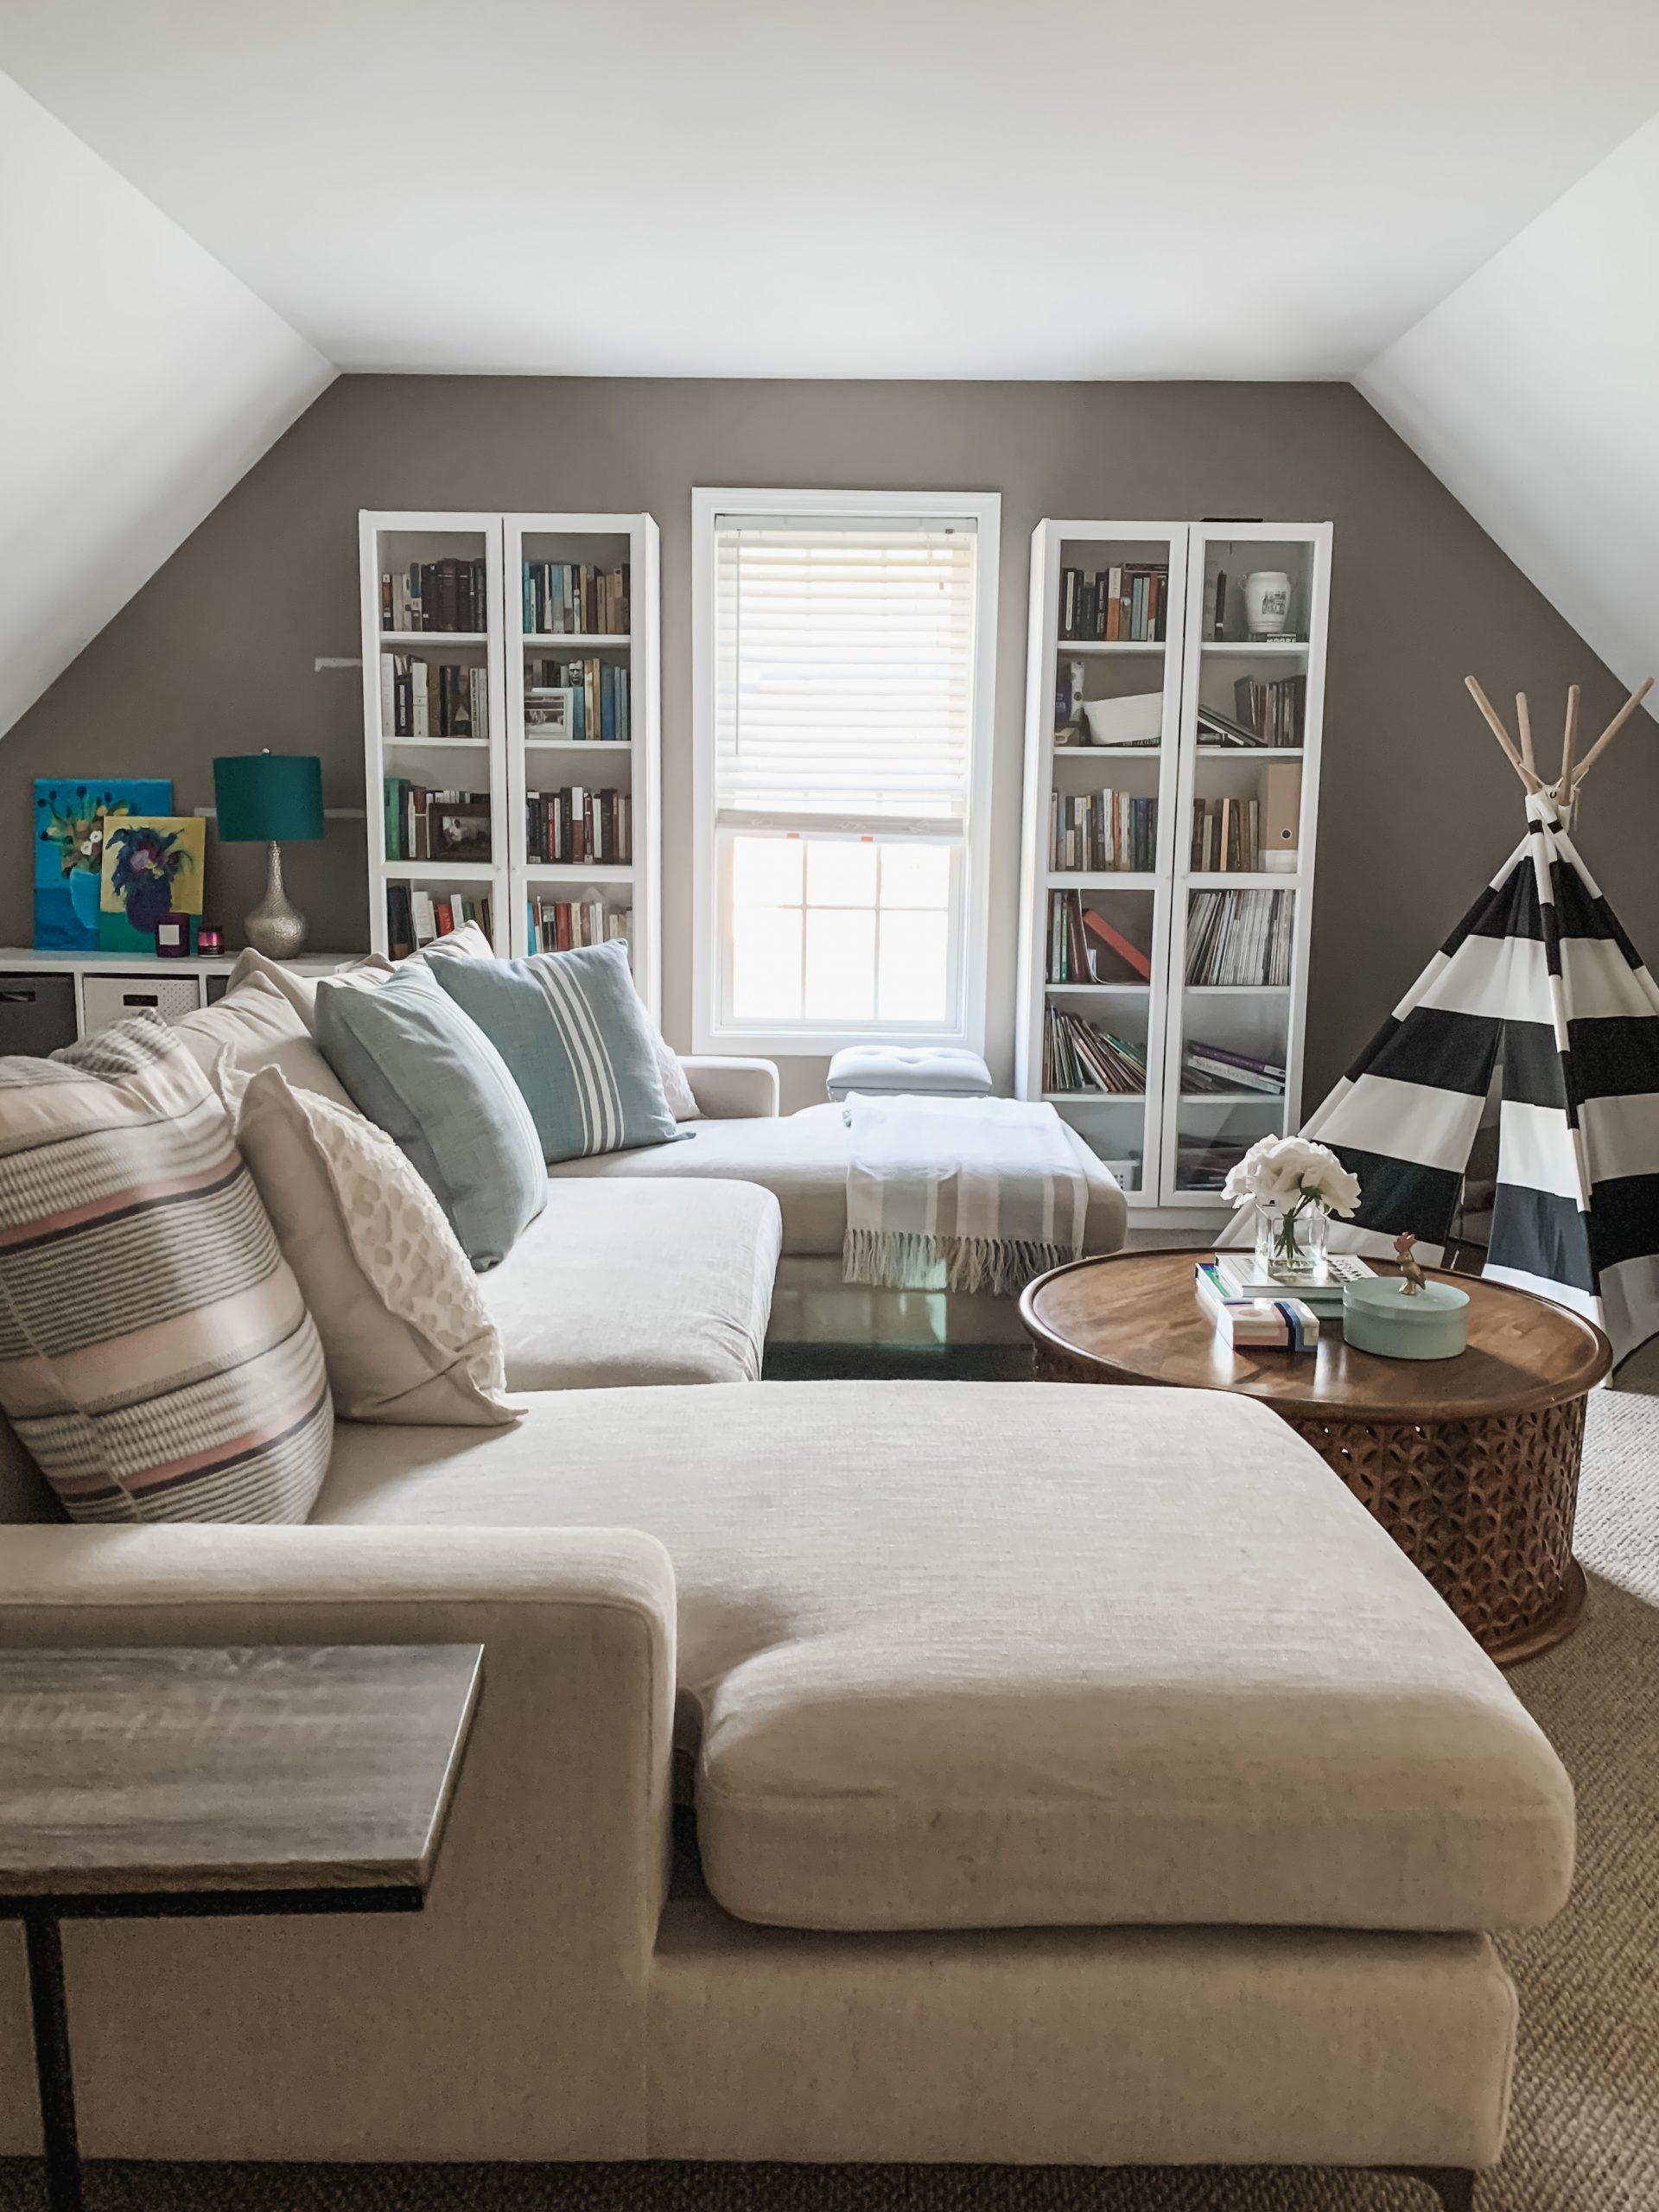 Family Room Interior Designer in Williamsburg, VA